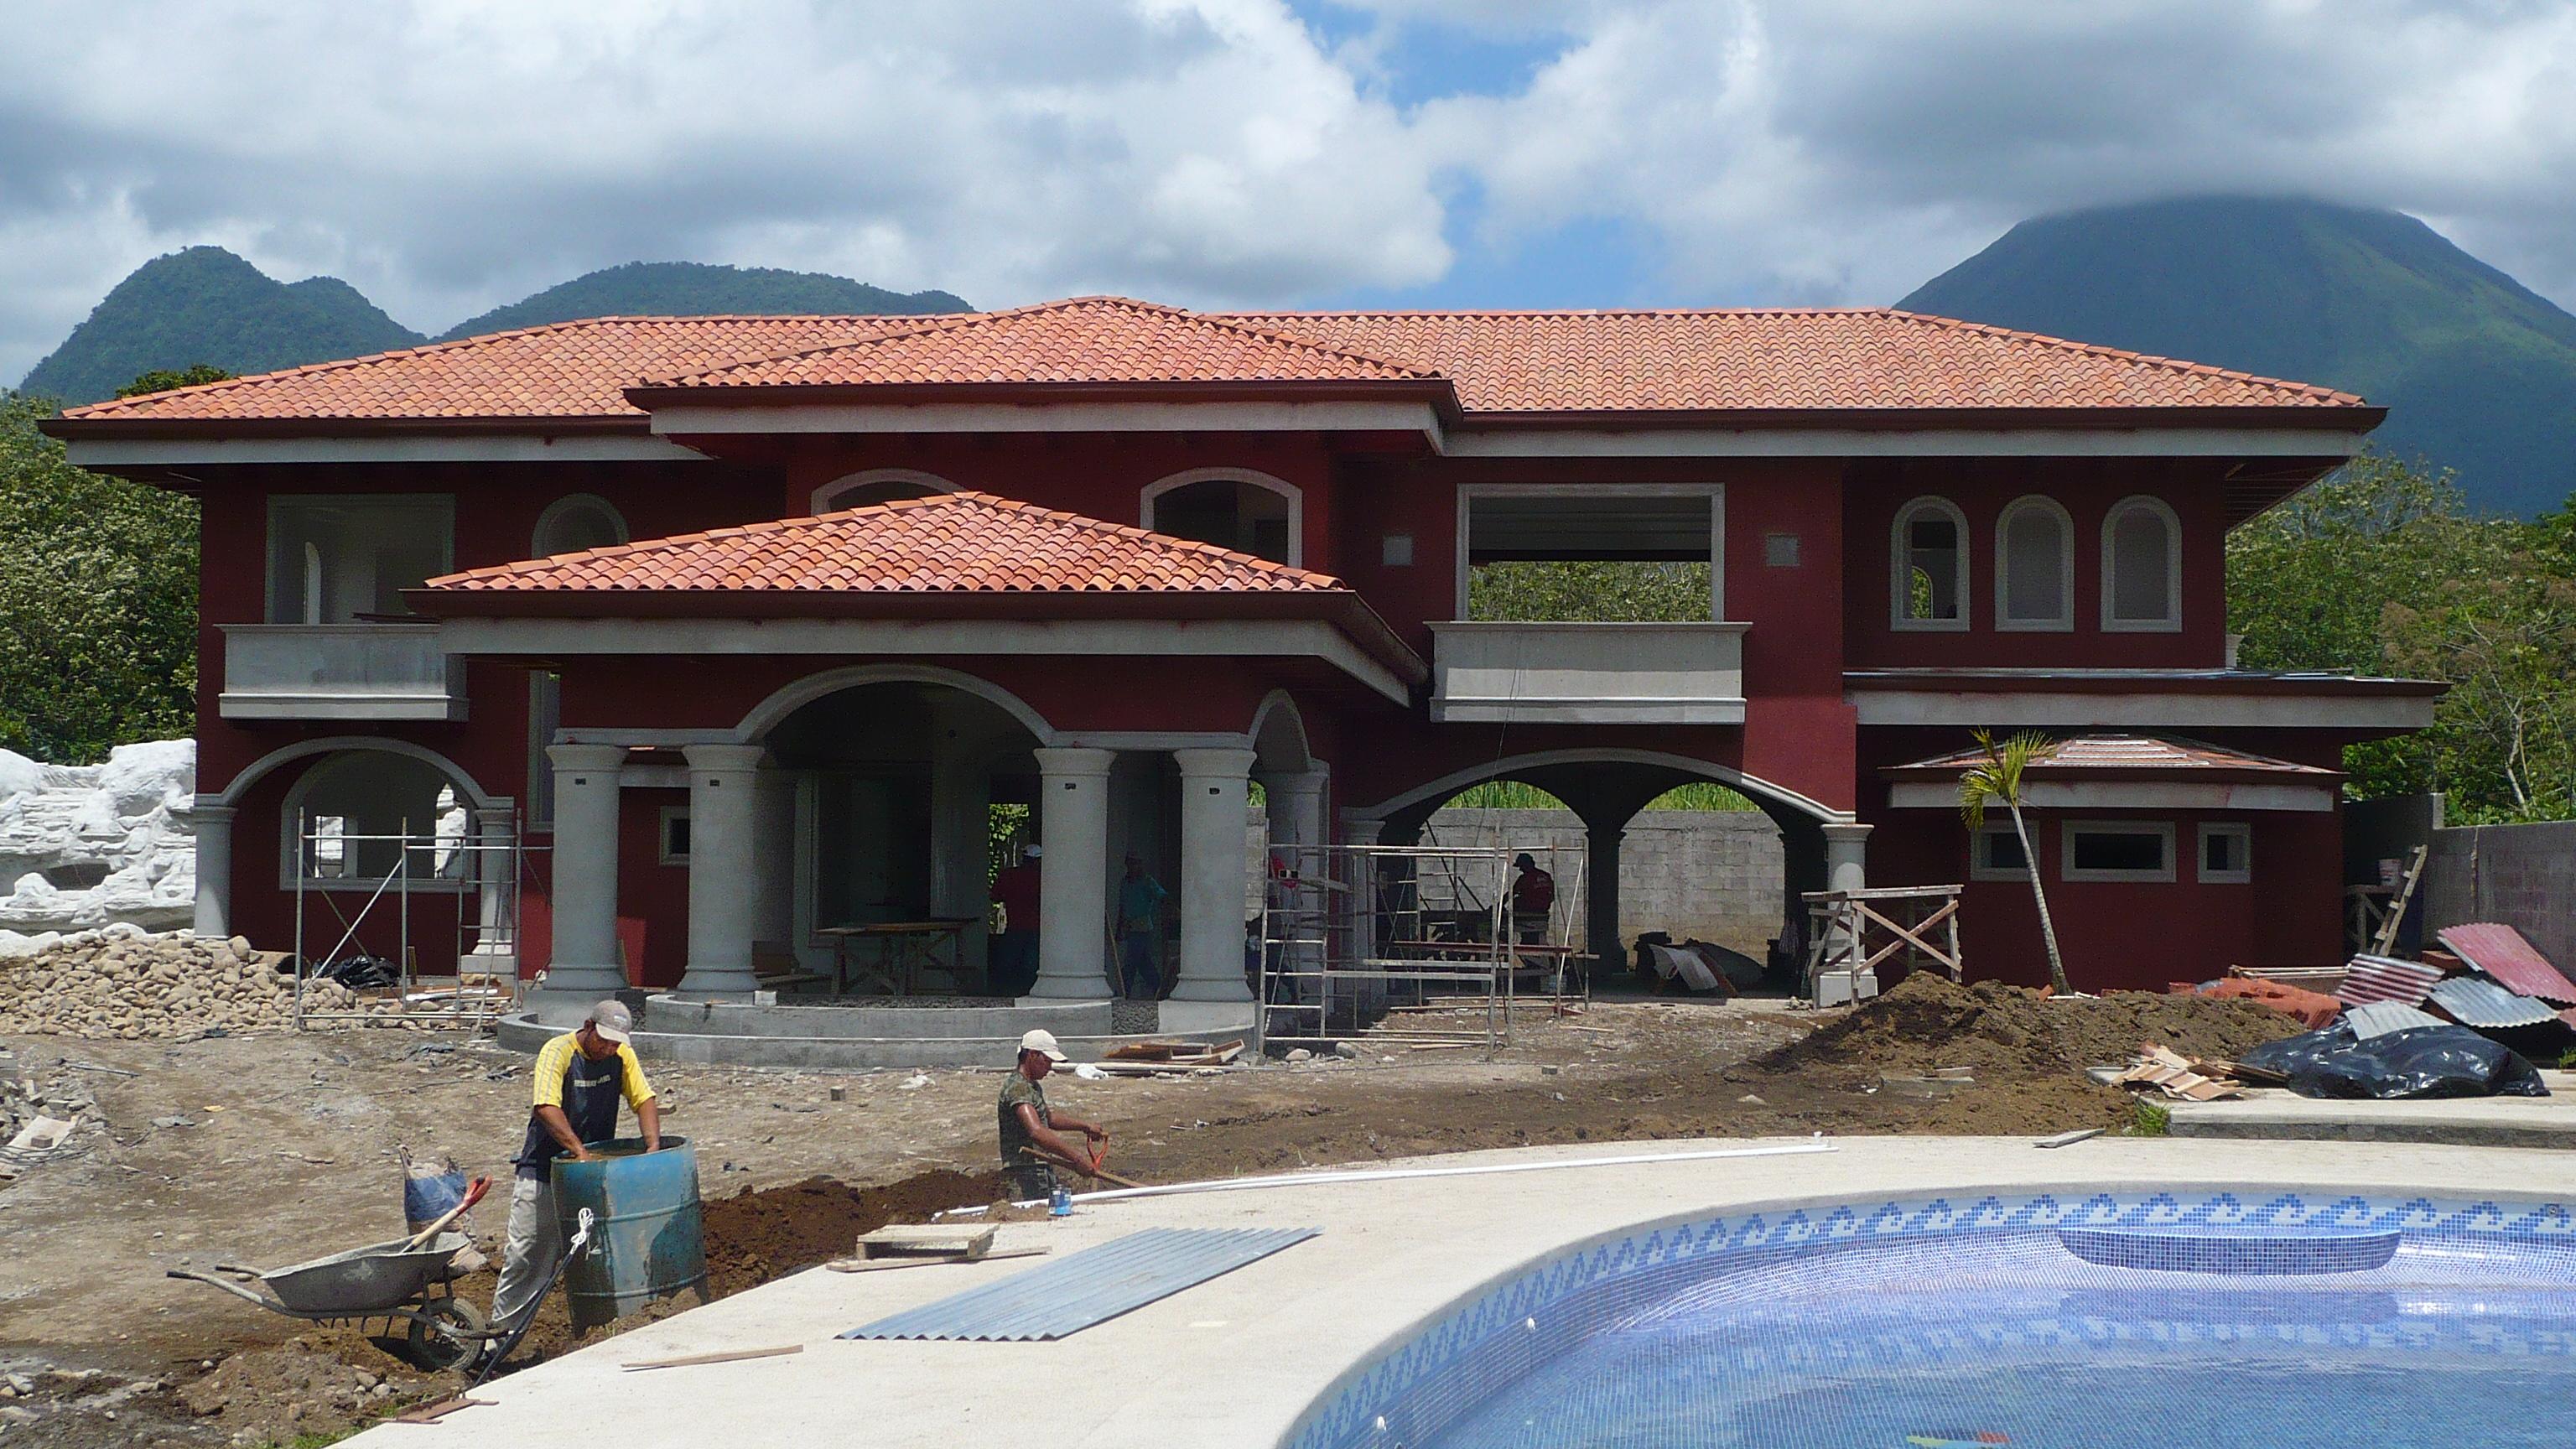 Domus constructora casa del lago la fortuna - La casa del lago ...